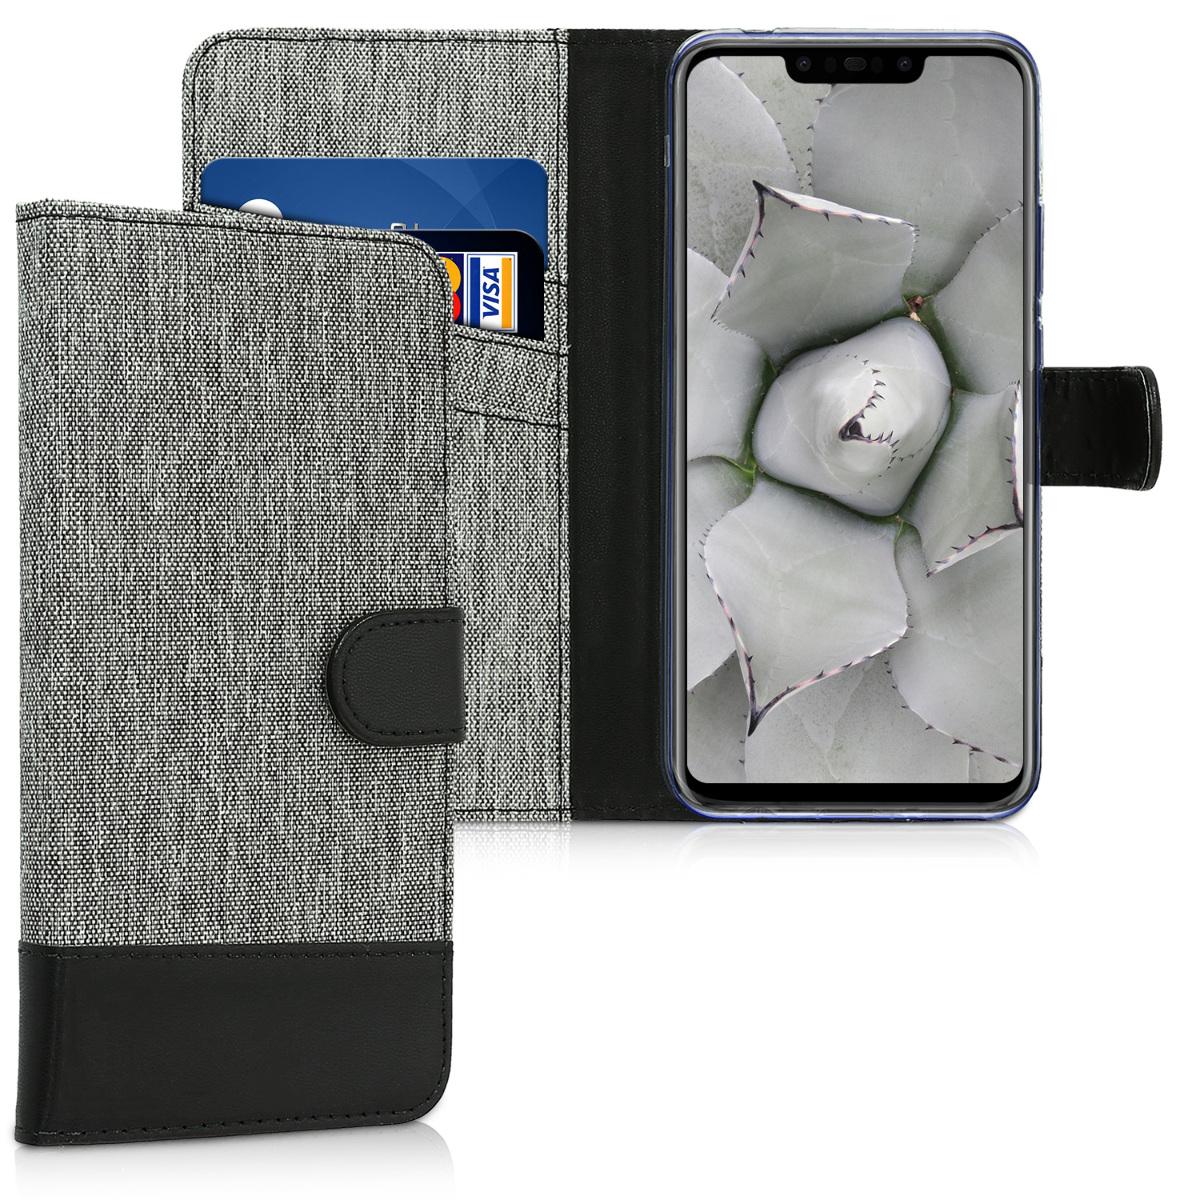 KW Θήκη - Πορτοφόλι Huawei Nova 3 - Grey / Black (45765.01)